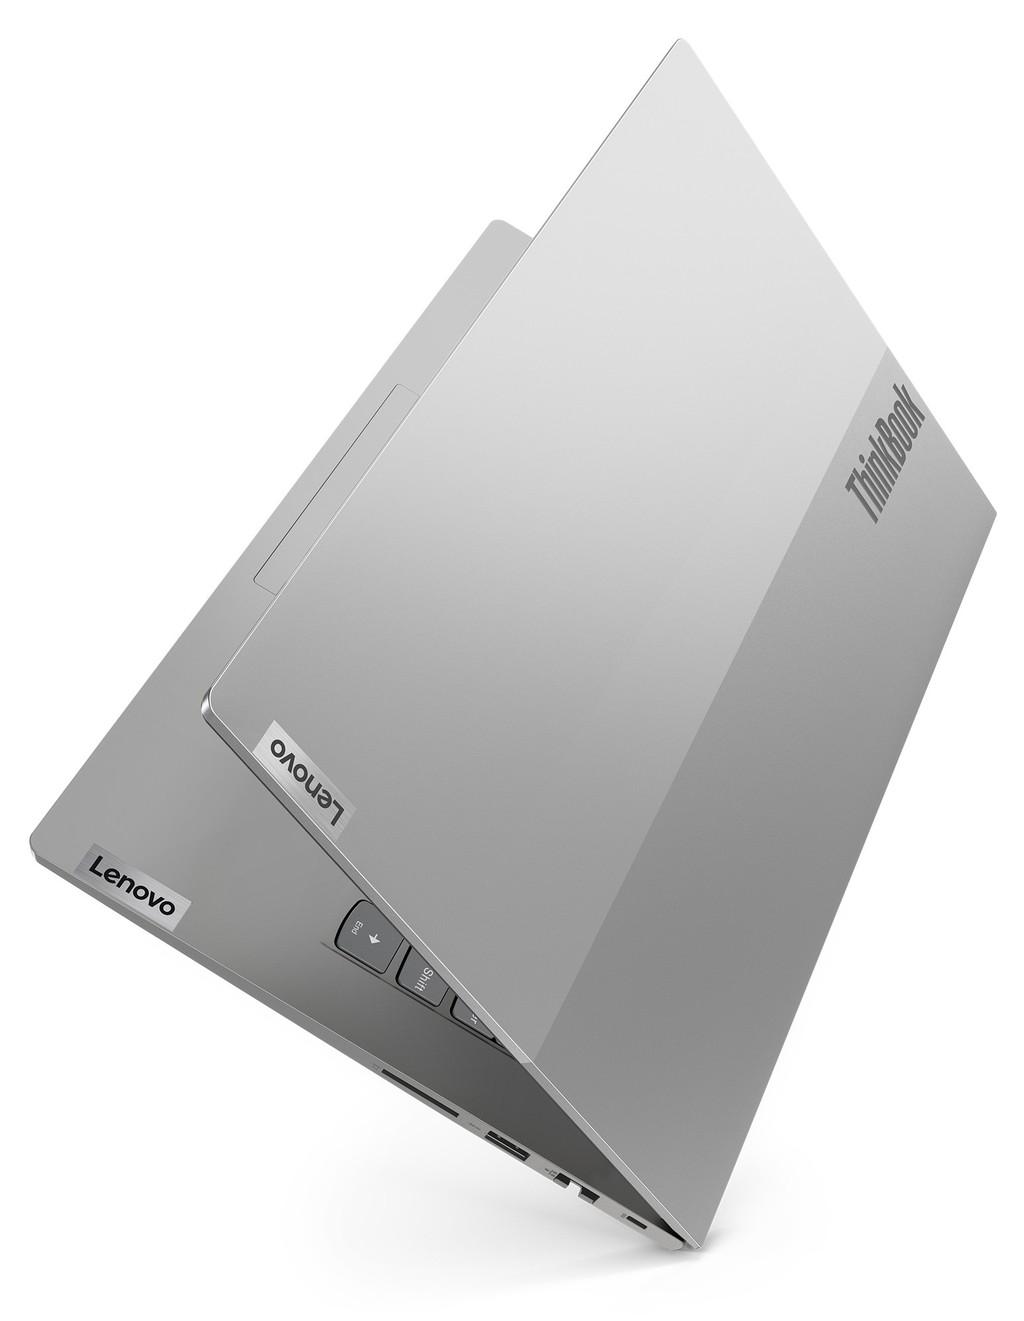 Lenovo mang tới lựa chọn mạnh mẽ và linh hoạt cho doanh nghiệp với bộ đôi ThinkBook giá từ 15 triệu ảnh 4